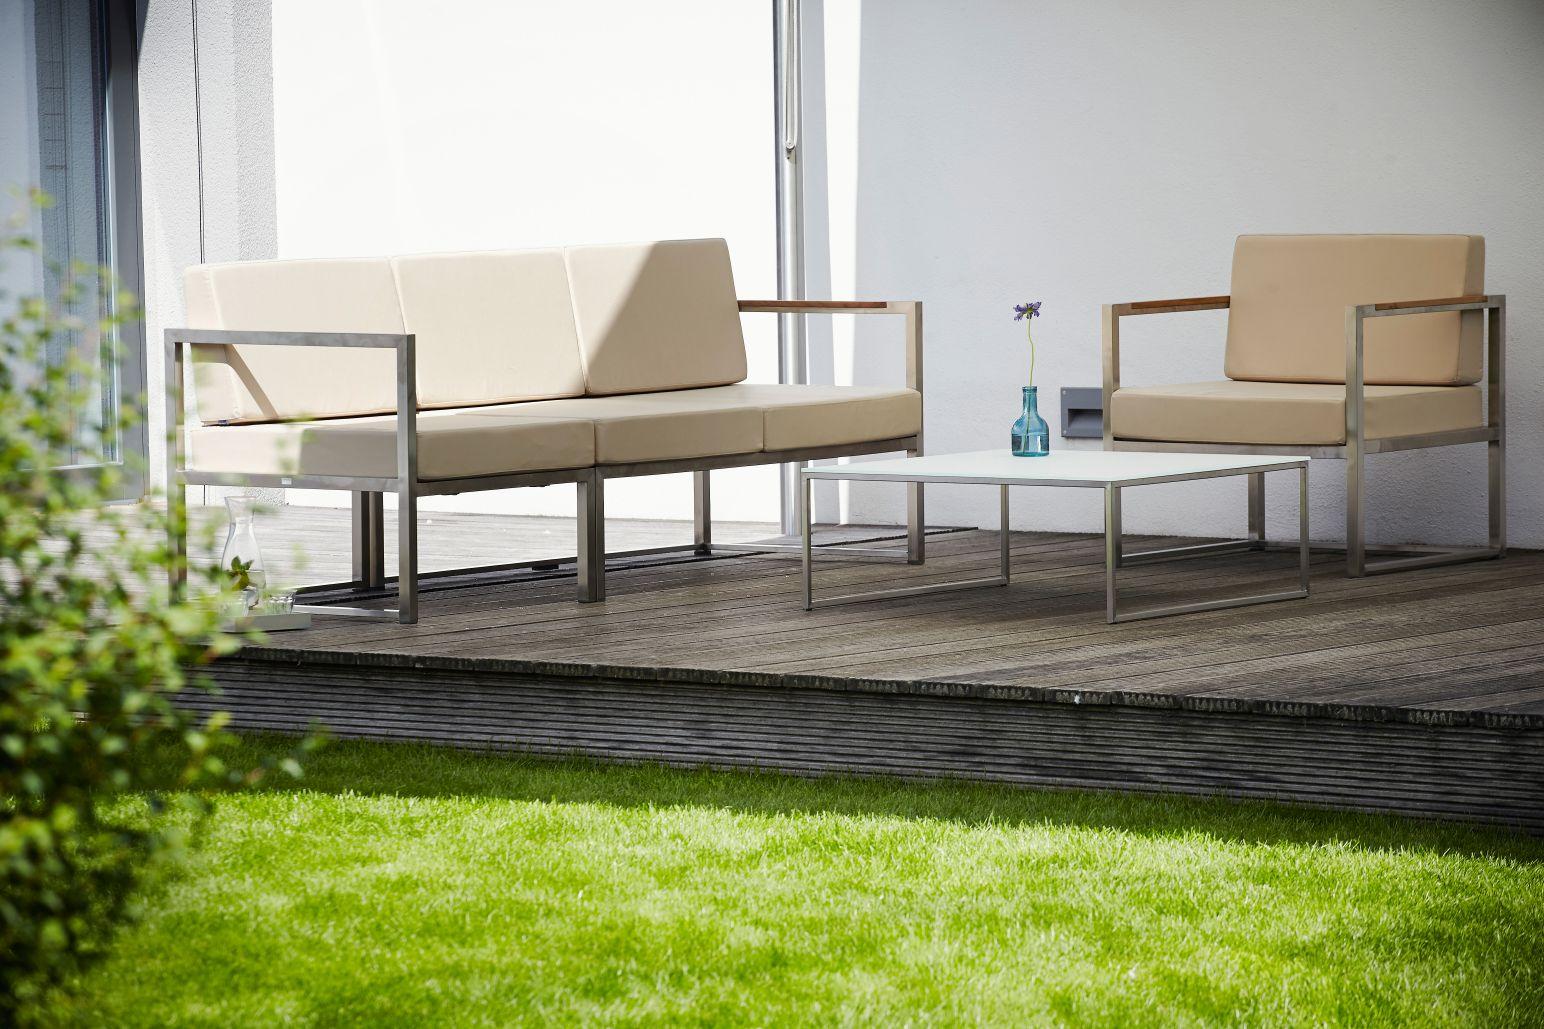 17ksl-living-canape-de-jardin-design-et-modulaire-blanc-noir-ou-beige-lux-lounge-par-jankurtz-2.jpg